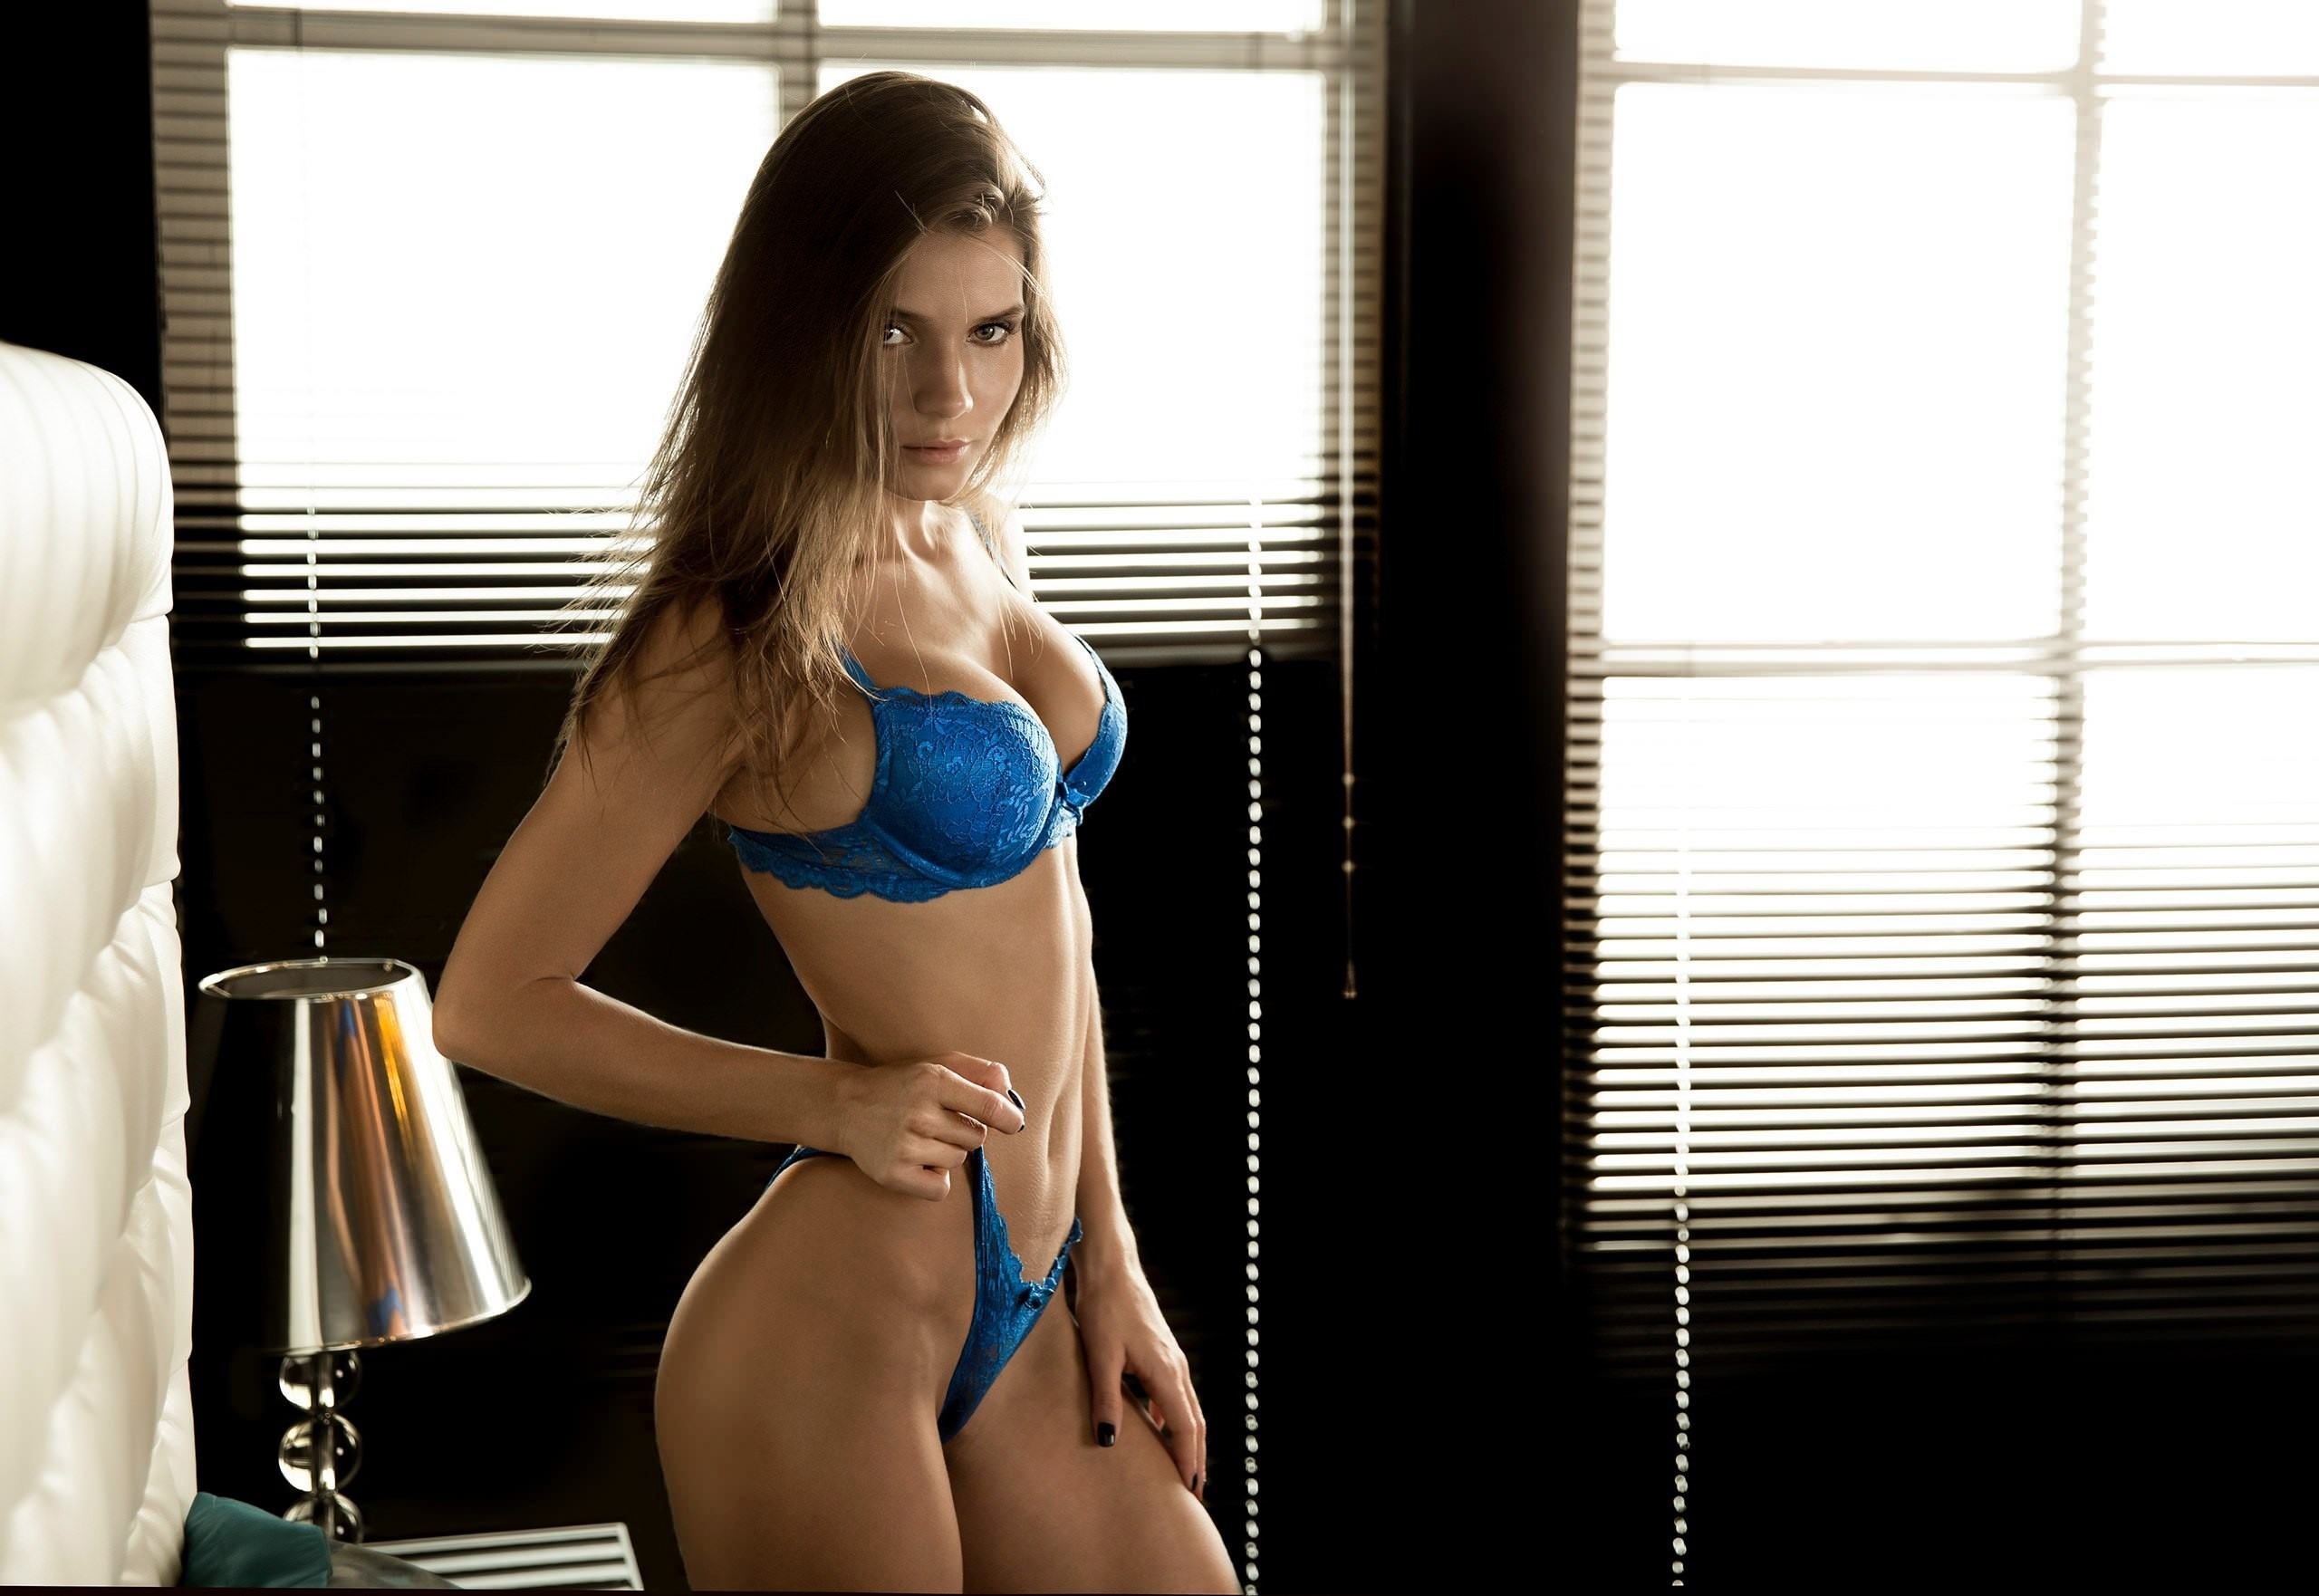 Фото Брюнетка в синем лифчике, натянула трусы, упругая грудь, отличная фигура, скачать картинку бесплатно